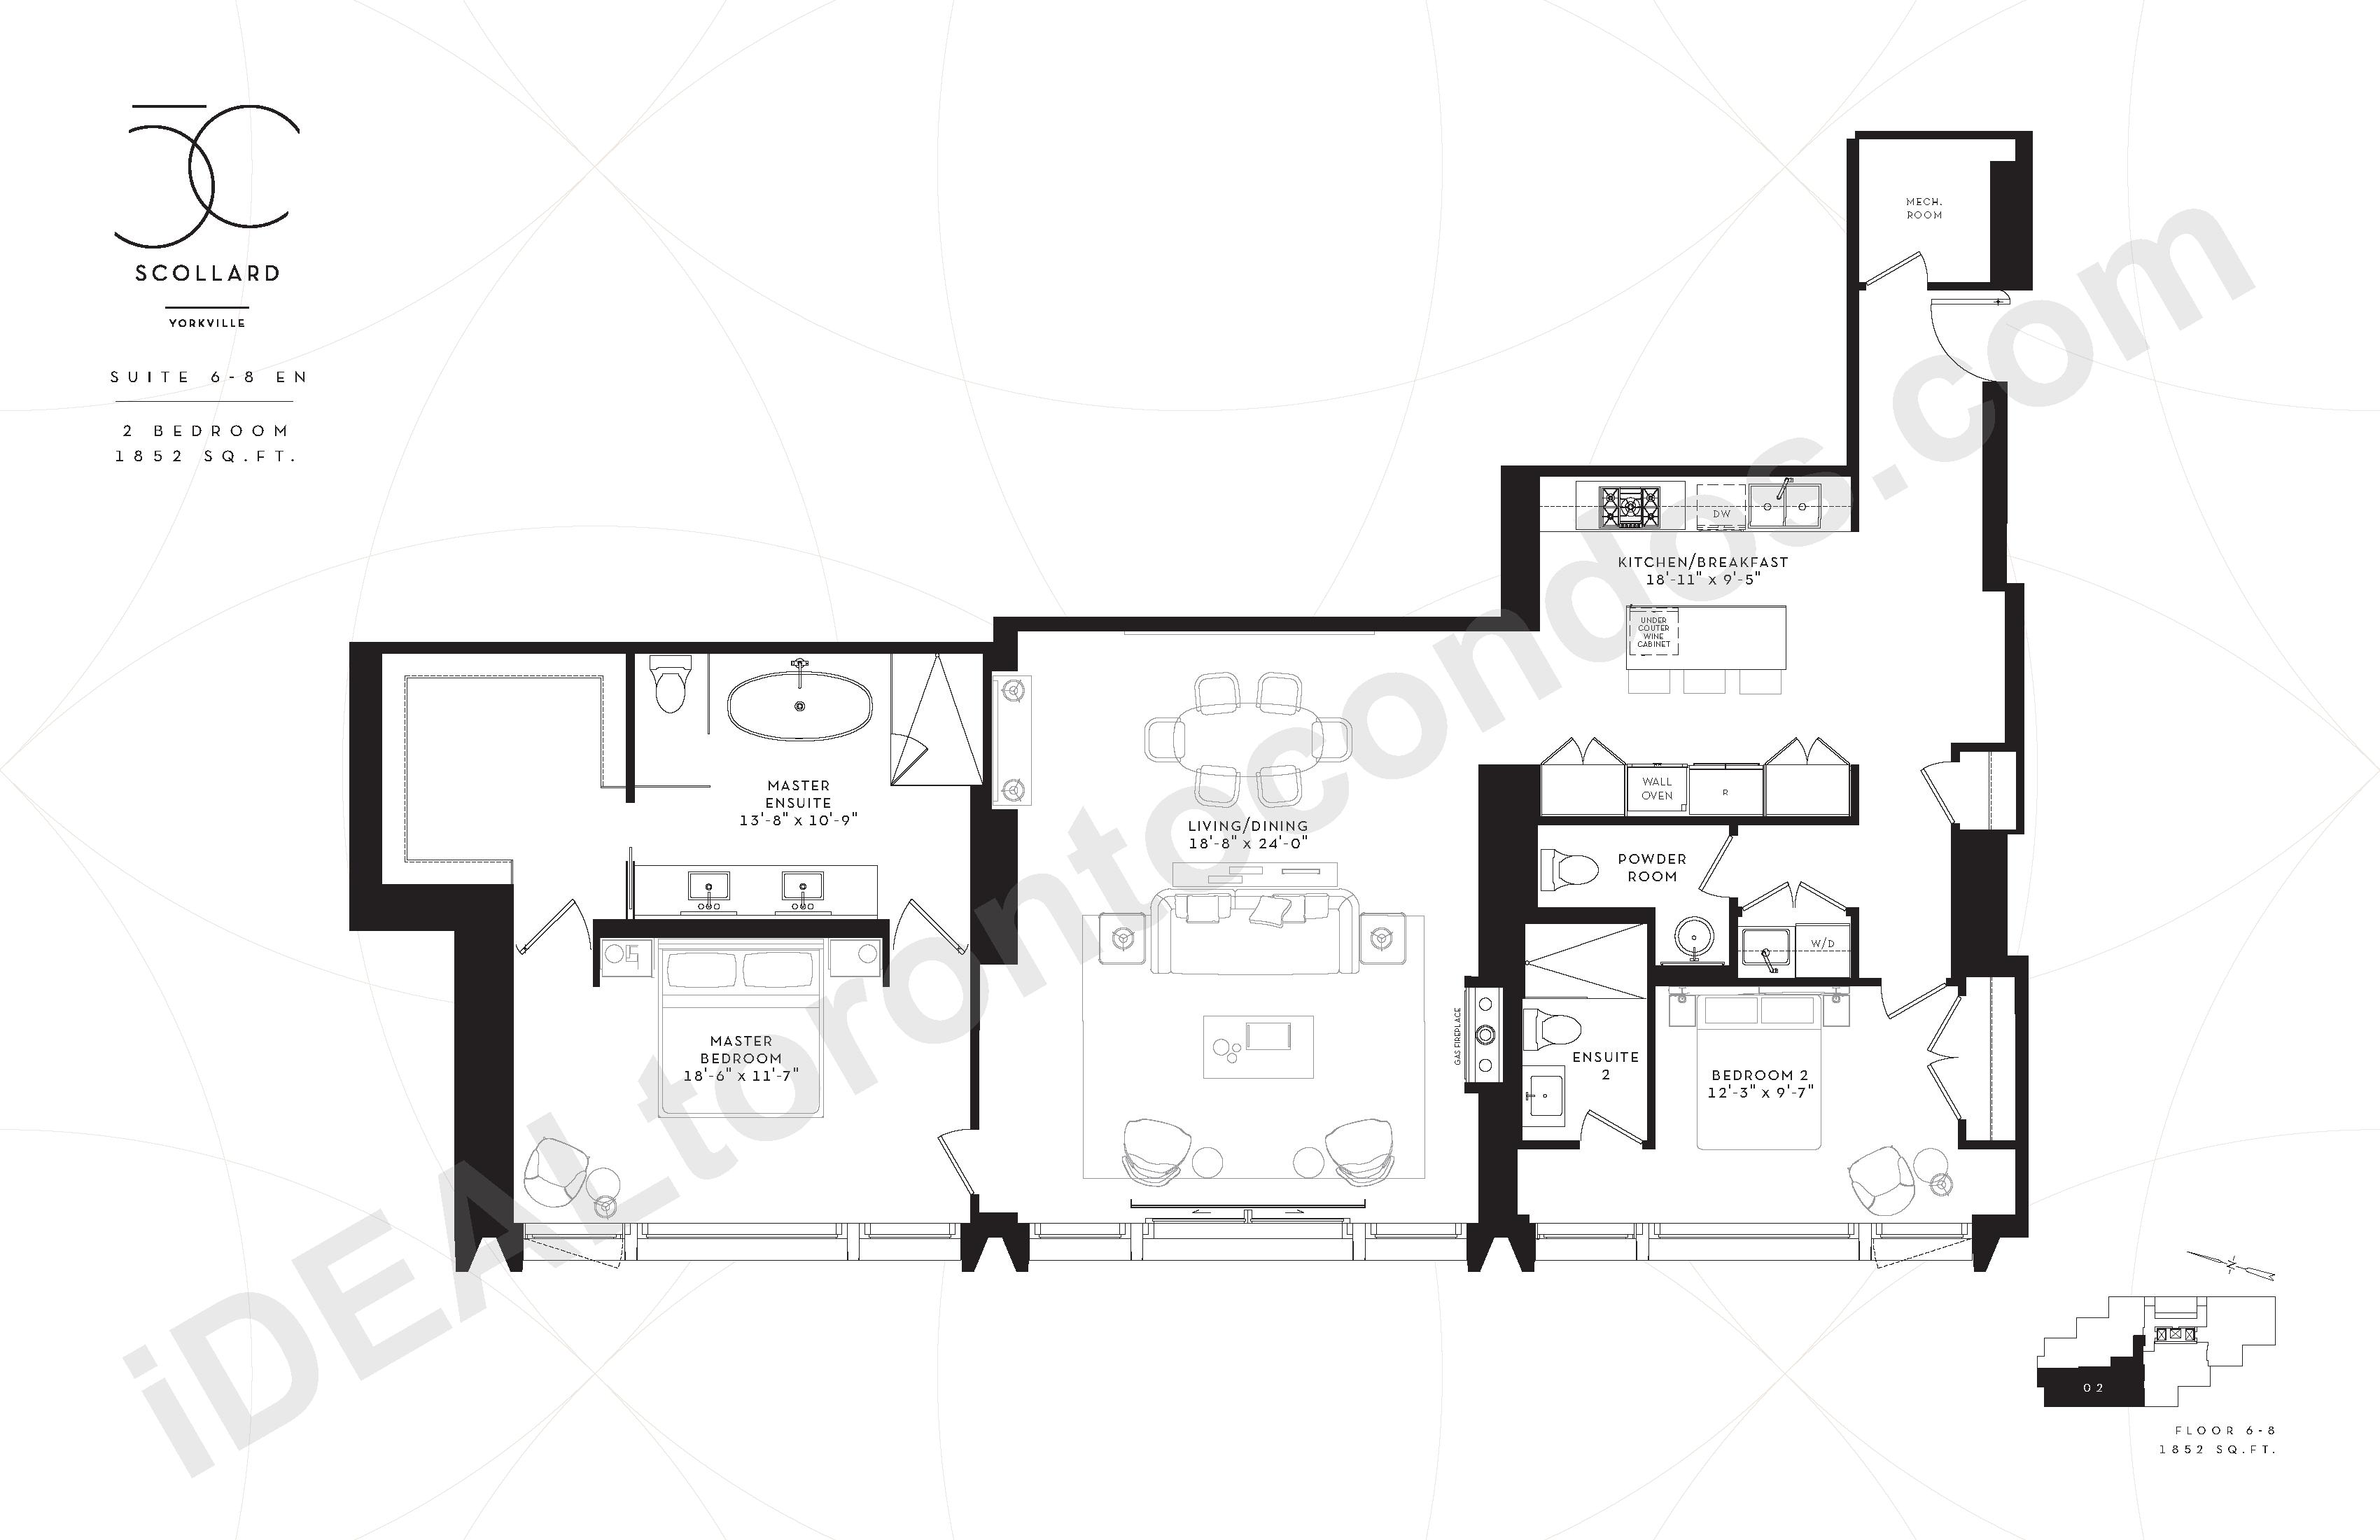 Suite 6-8 EN | 2 Bedroom